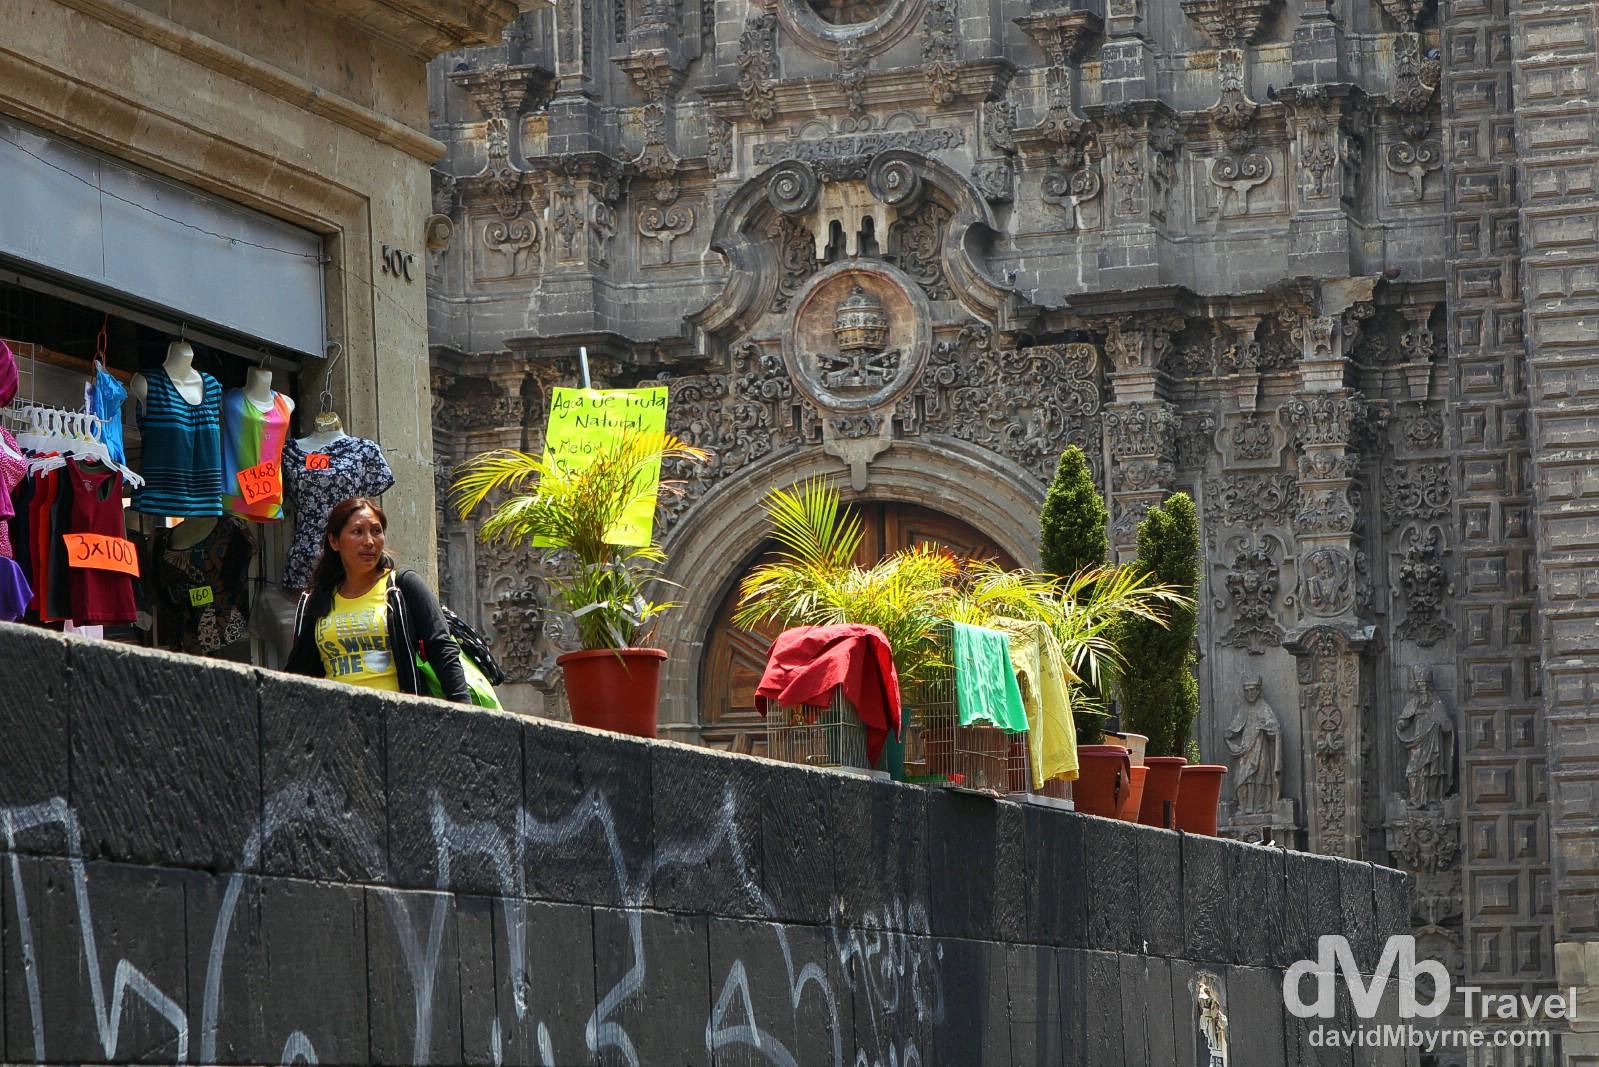 The hyper-baroque façade of Templo de la Santisima Trinidad, graffiti & clothes for sale as seen from Mondea, Central Mexico City. April 26th 2013.